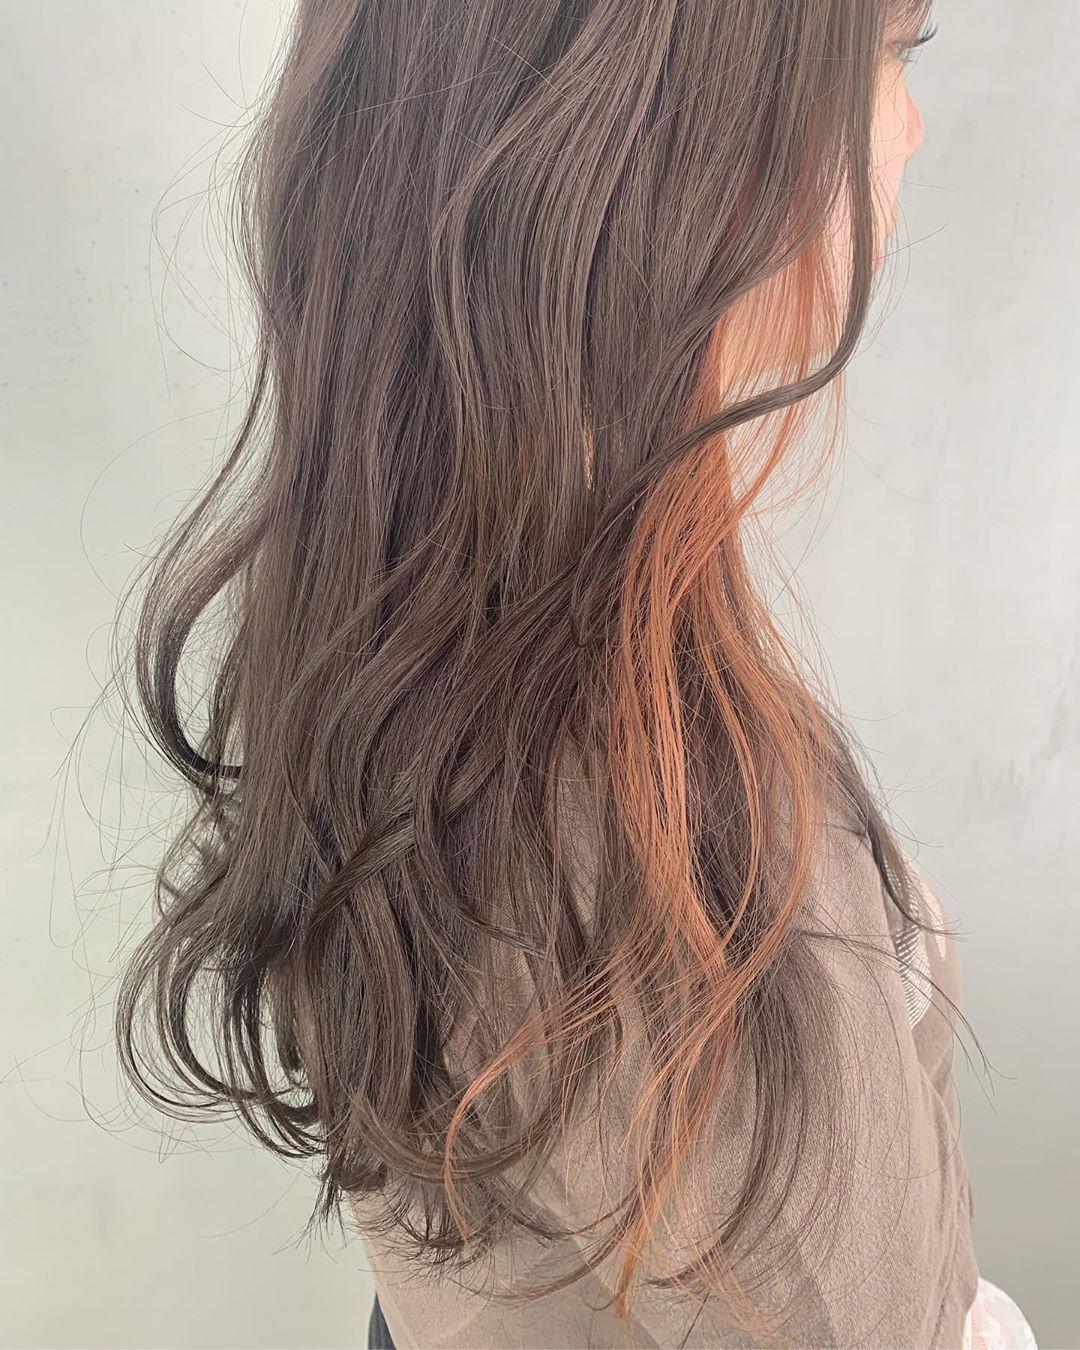 Ibre Plex 成人式 ヘアスタイル アップ ヘアスタイリング 髪 カラー